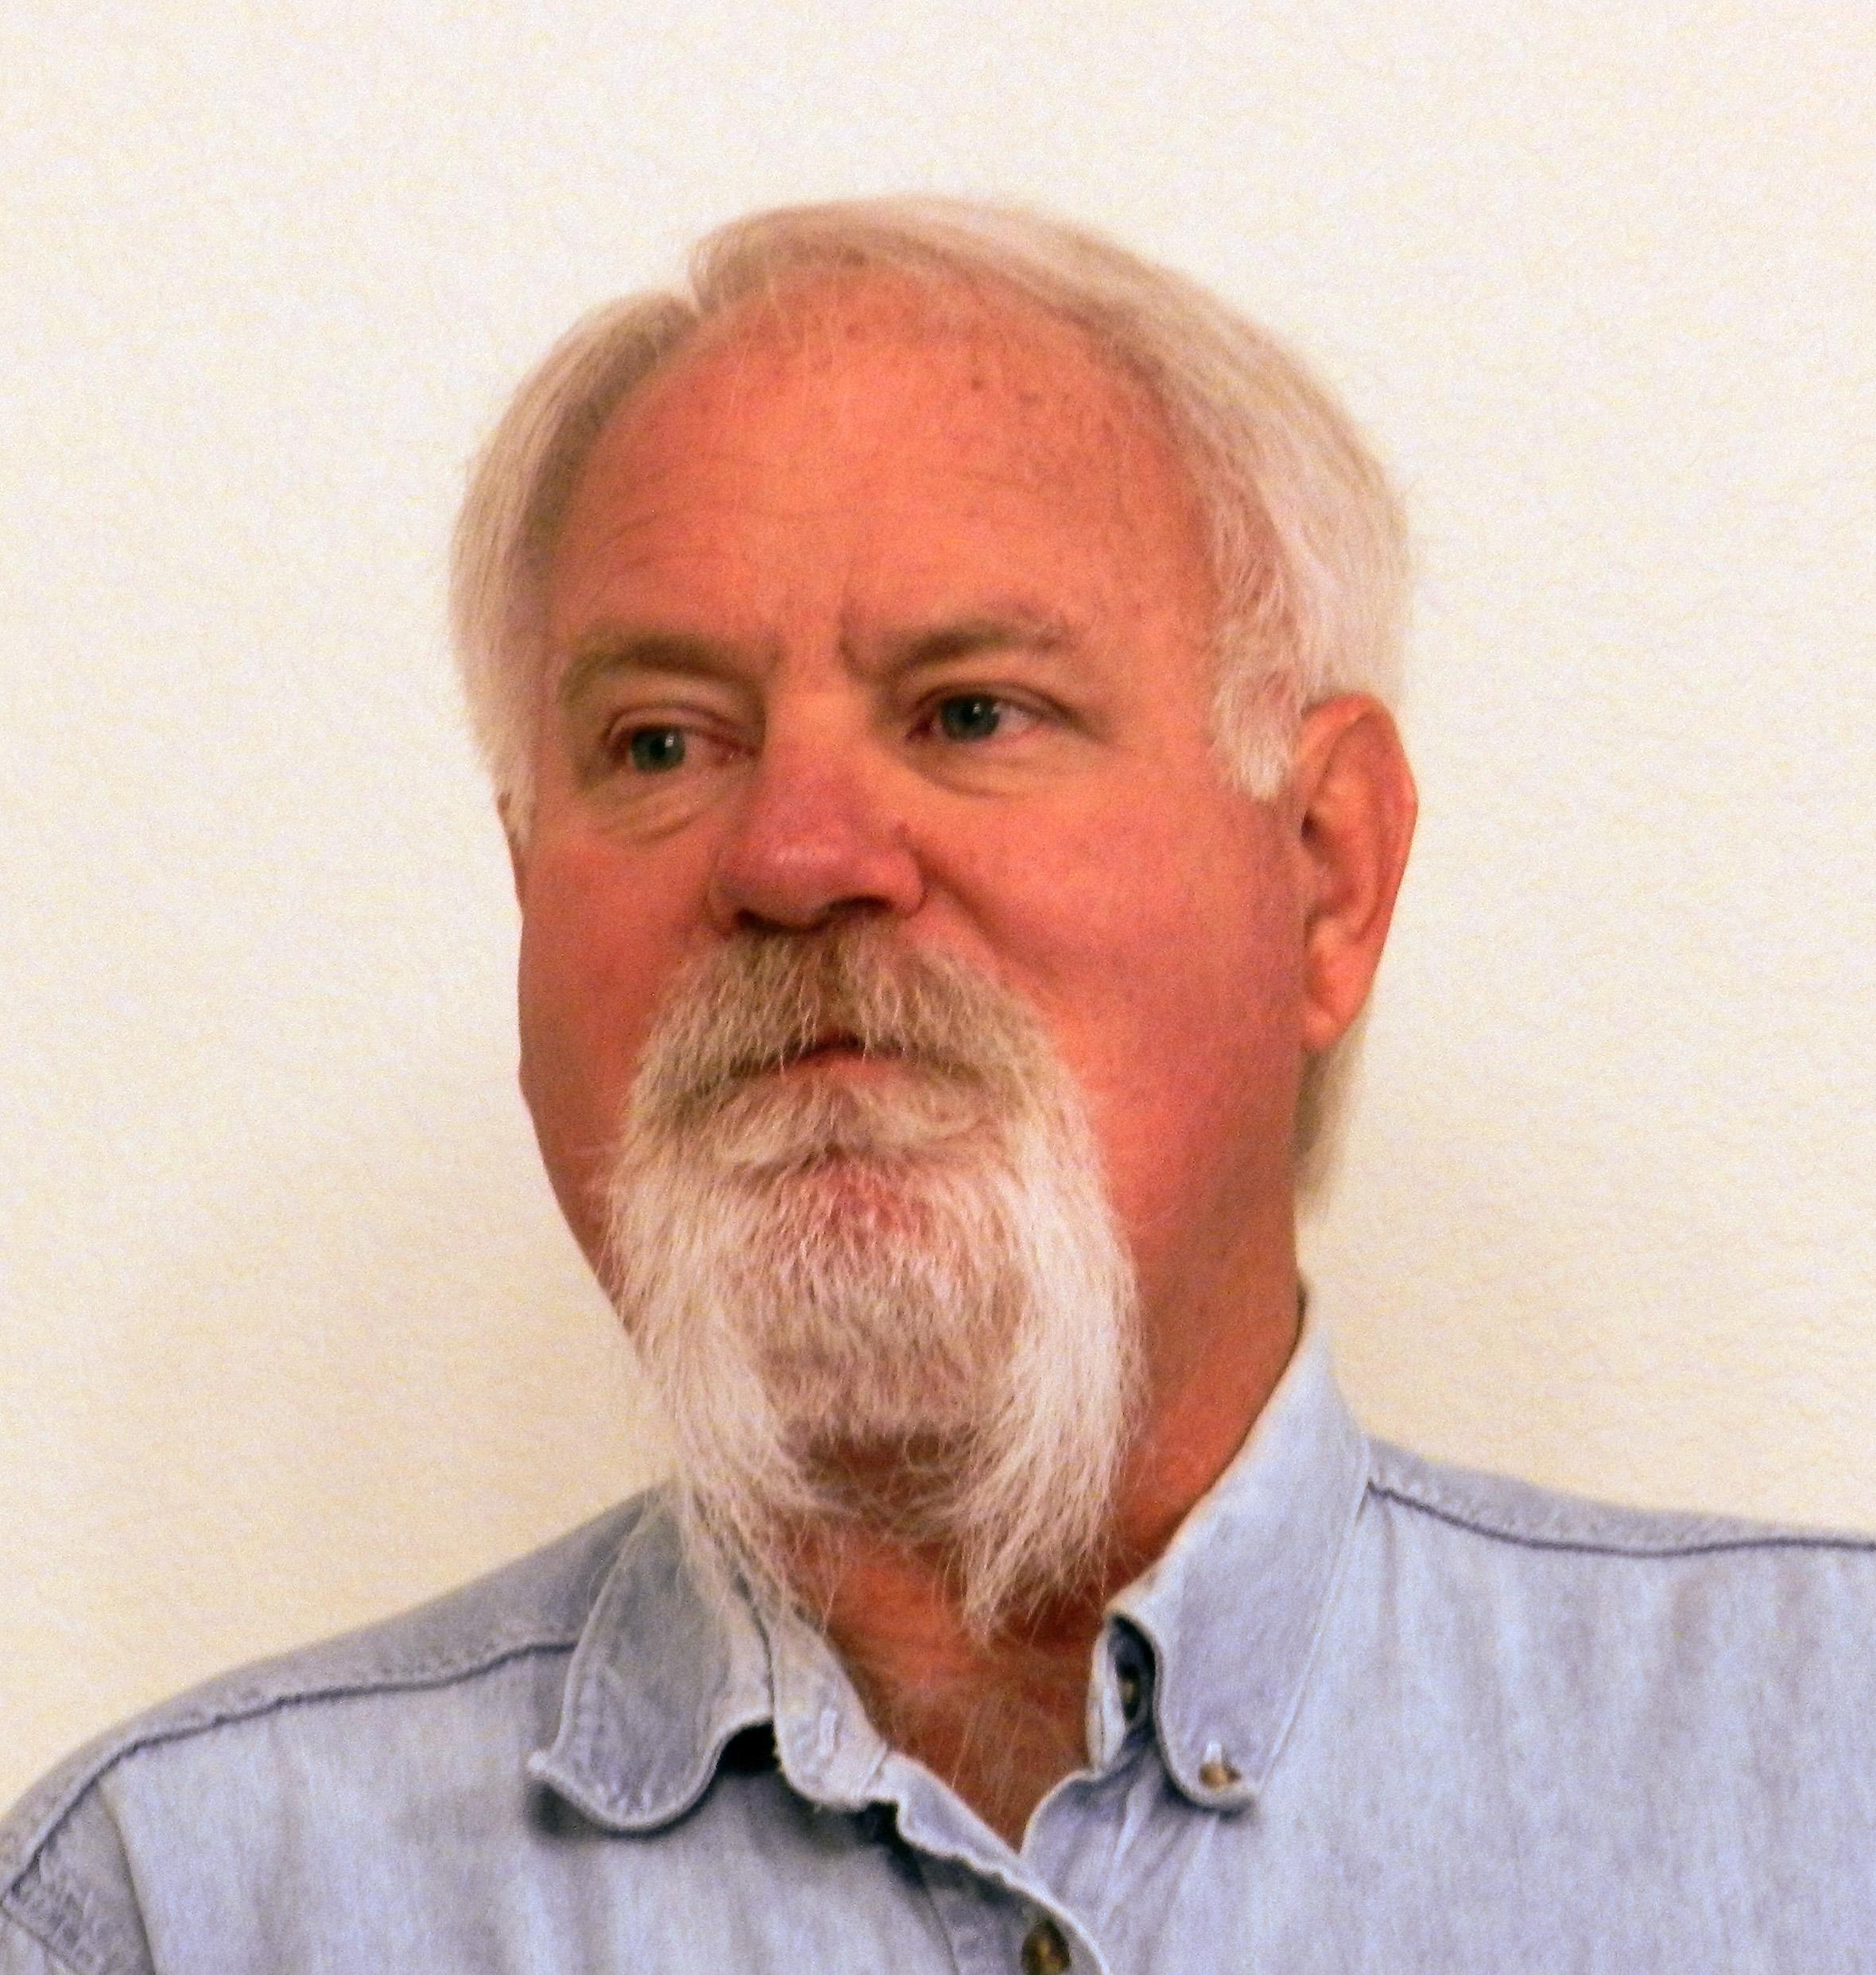 Doug Schneiter